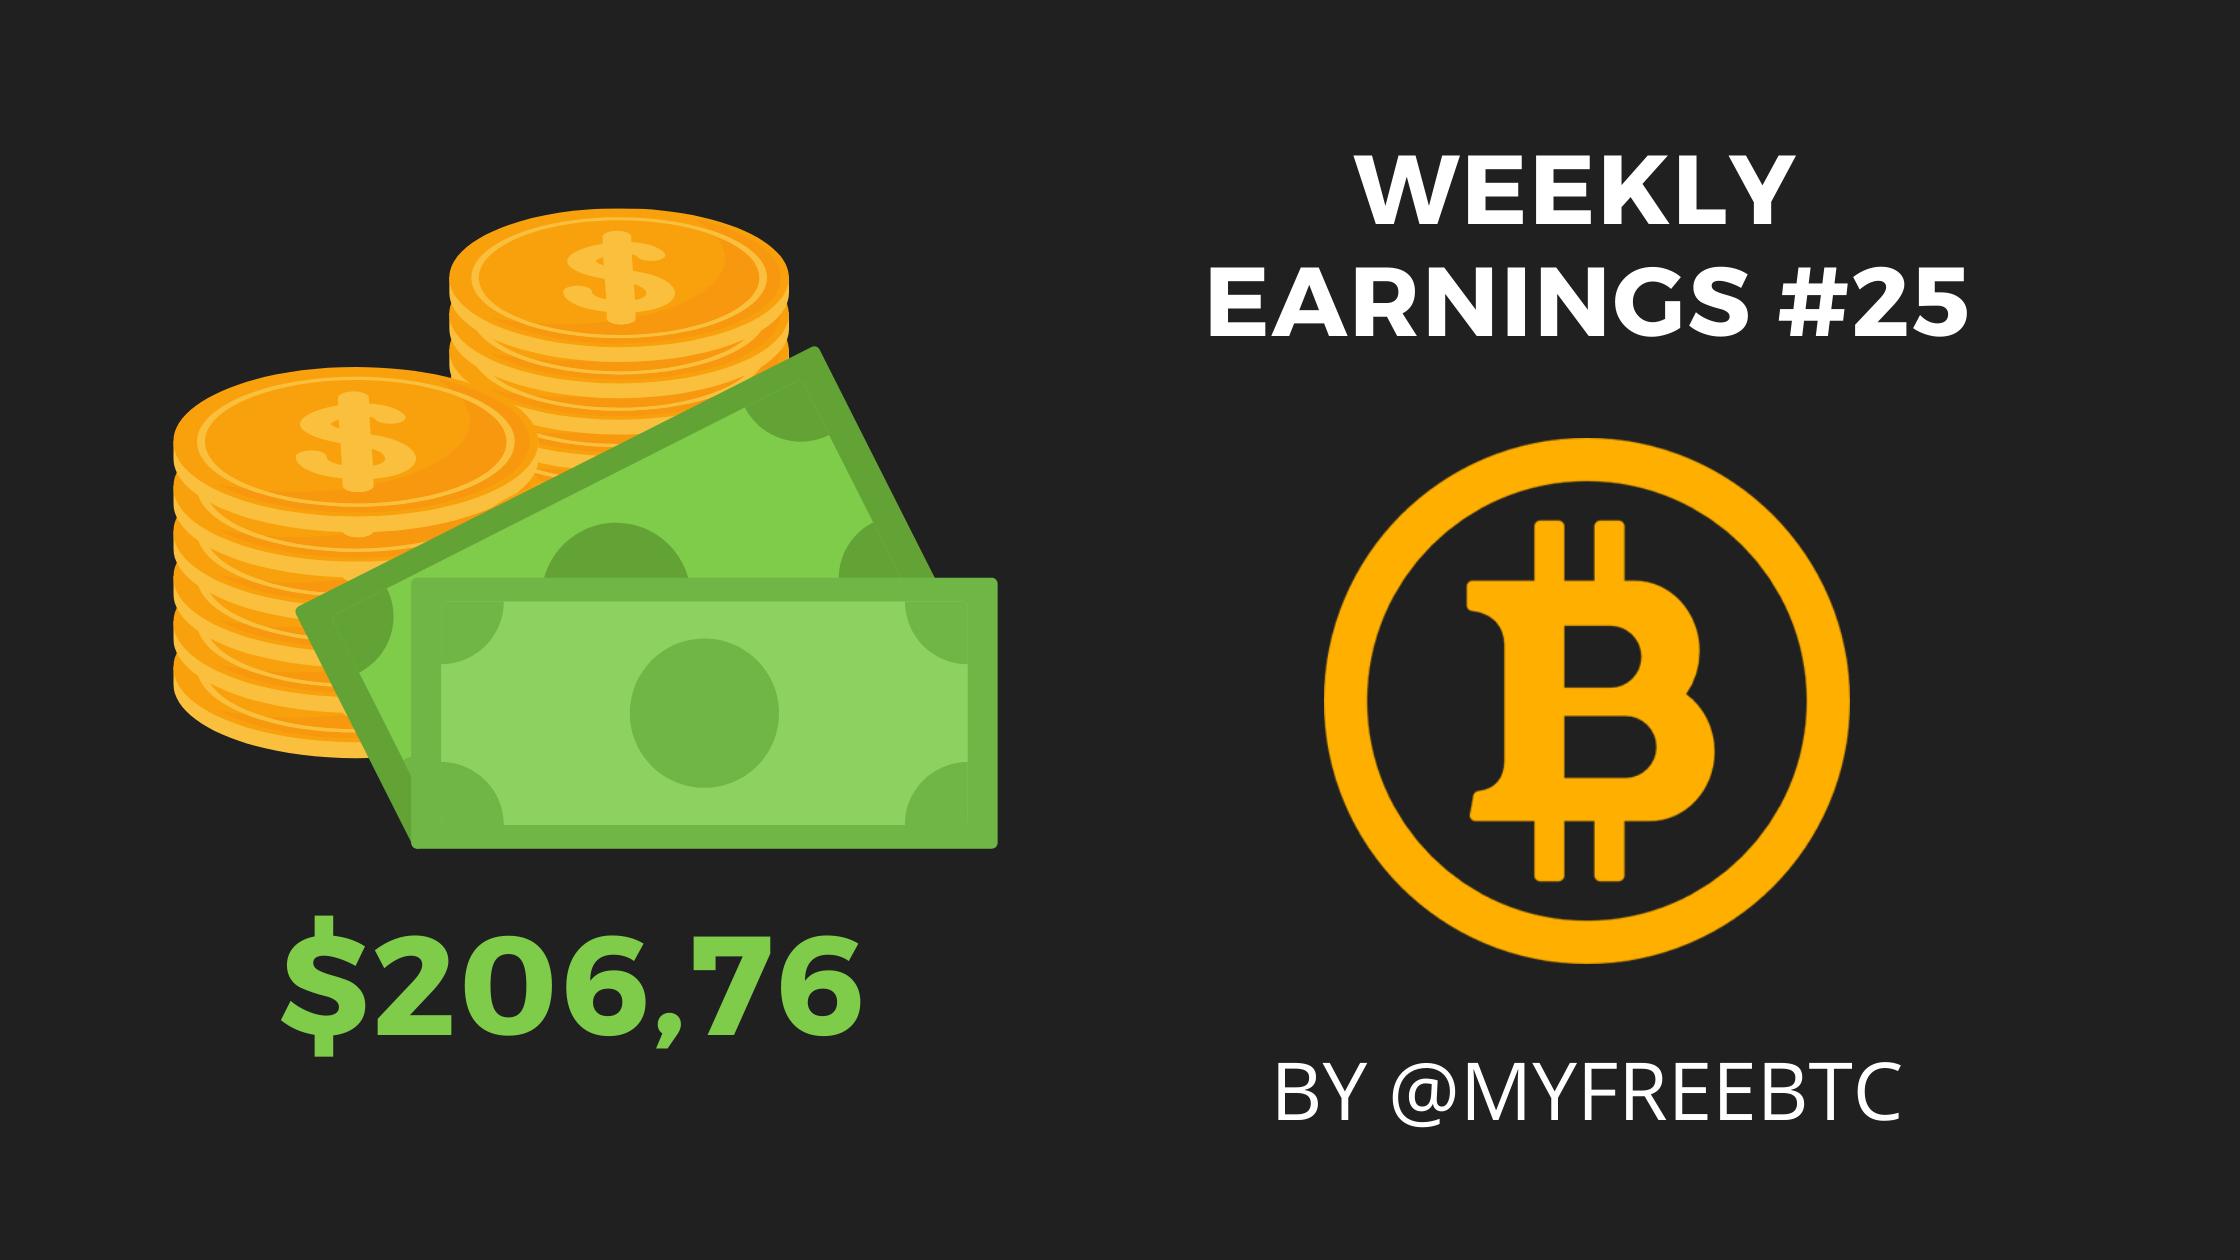 Weekly earnings 25.png